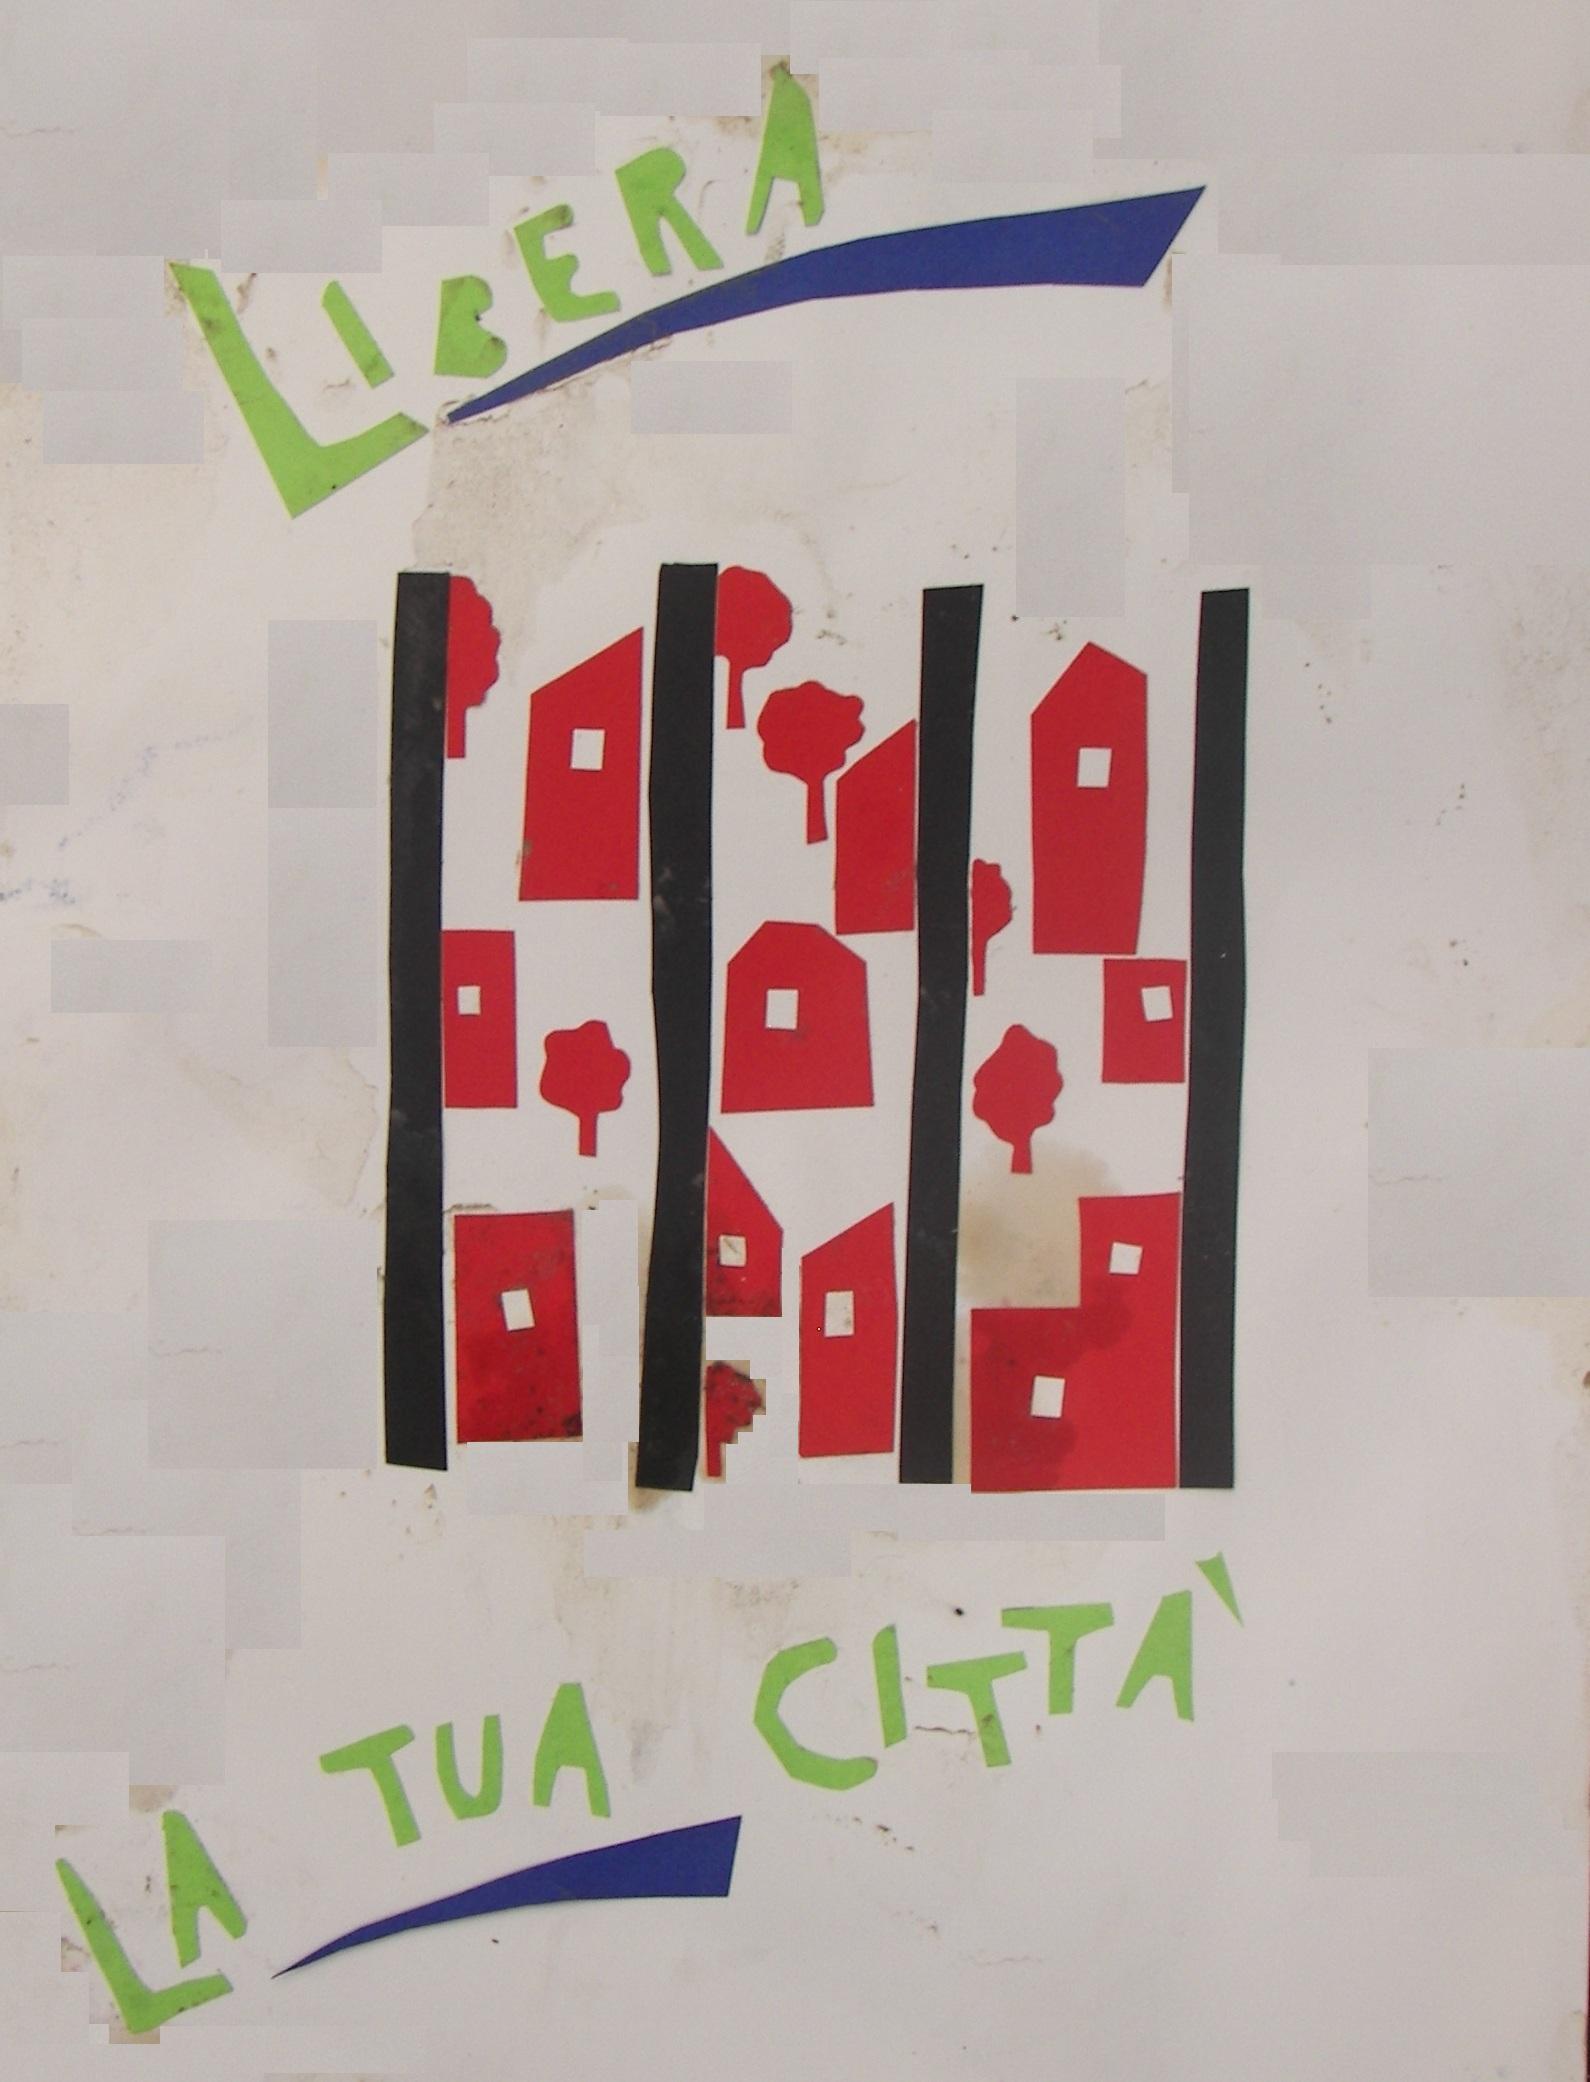 Composizione di Cleto Battista